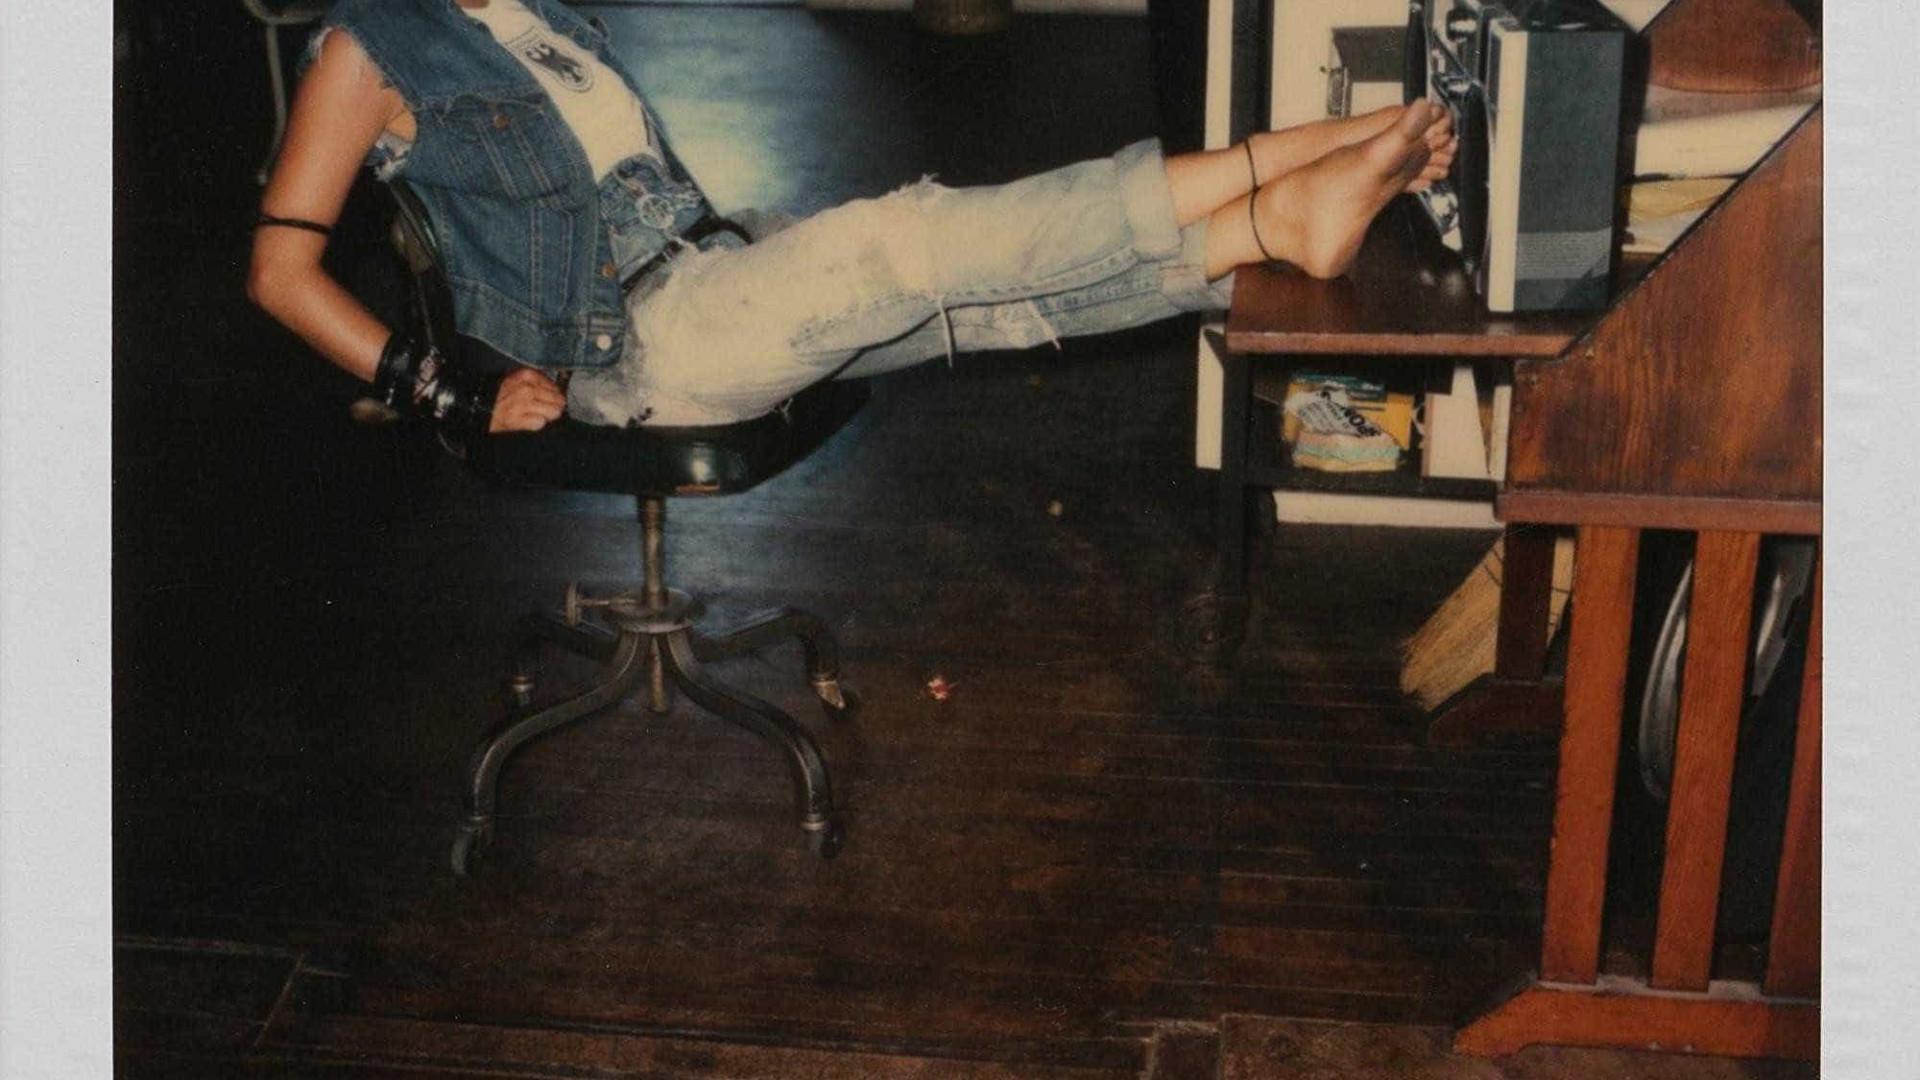 Fotografias nunca antes vistas de Madonna reveladas em livro